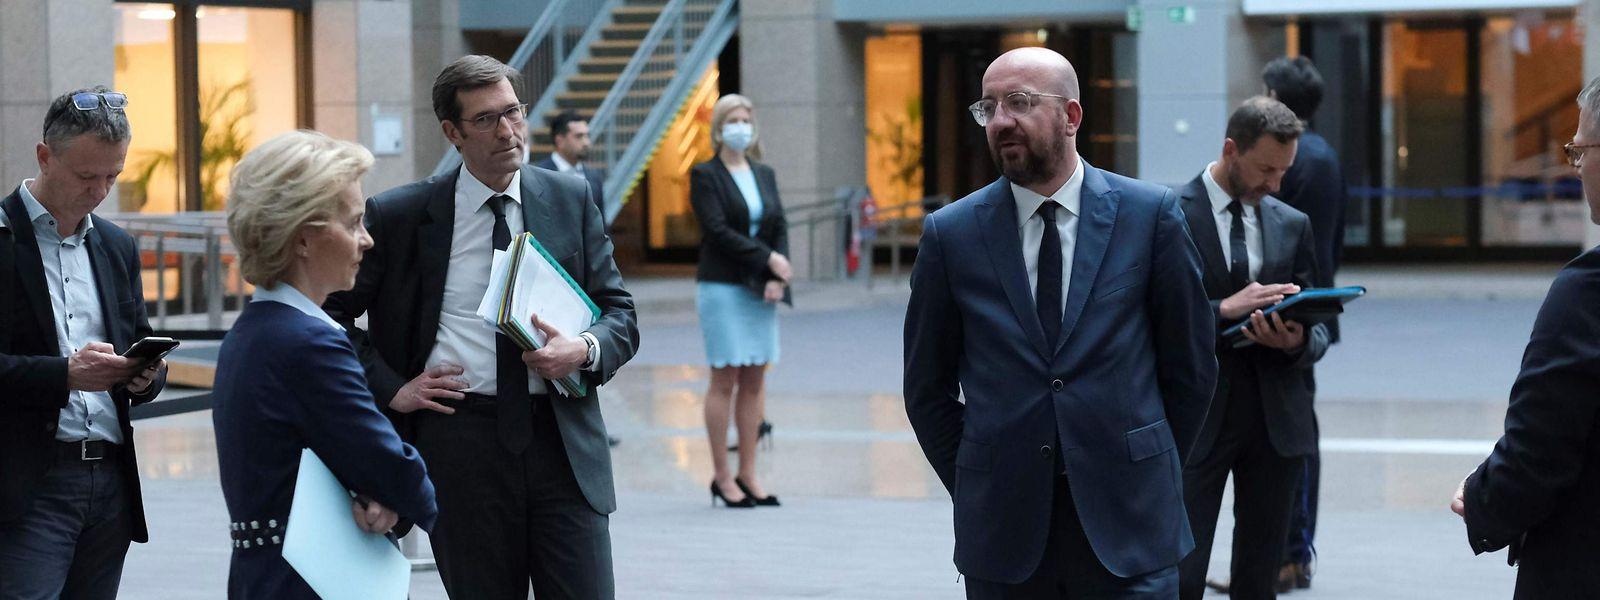 Ursula von Der Leyen und Charles Michel unterhalten sich im Anschluss an den EU-Gipfel.